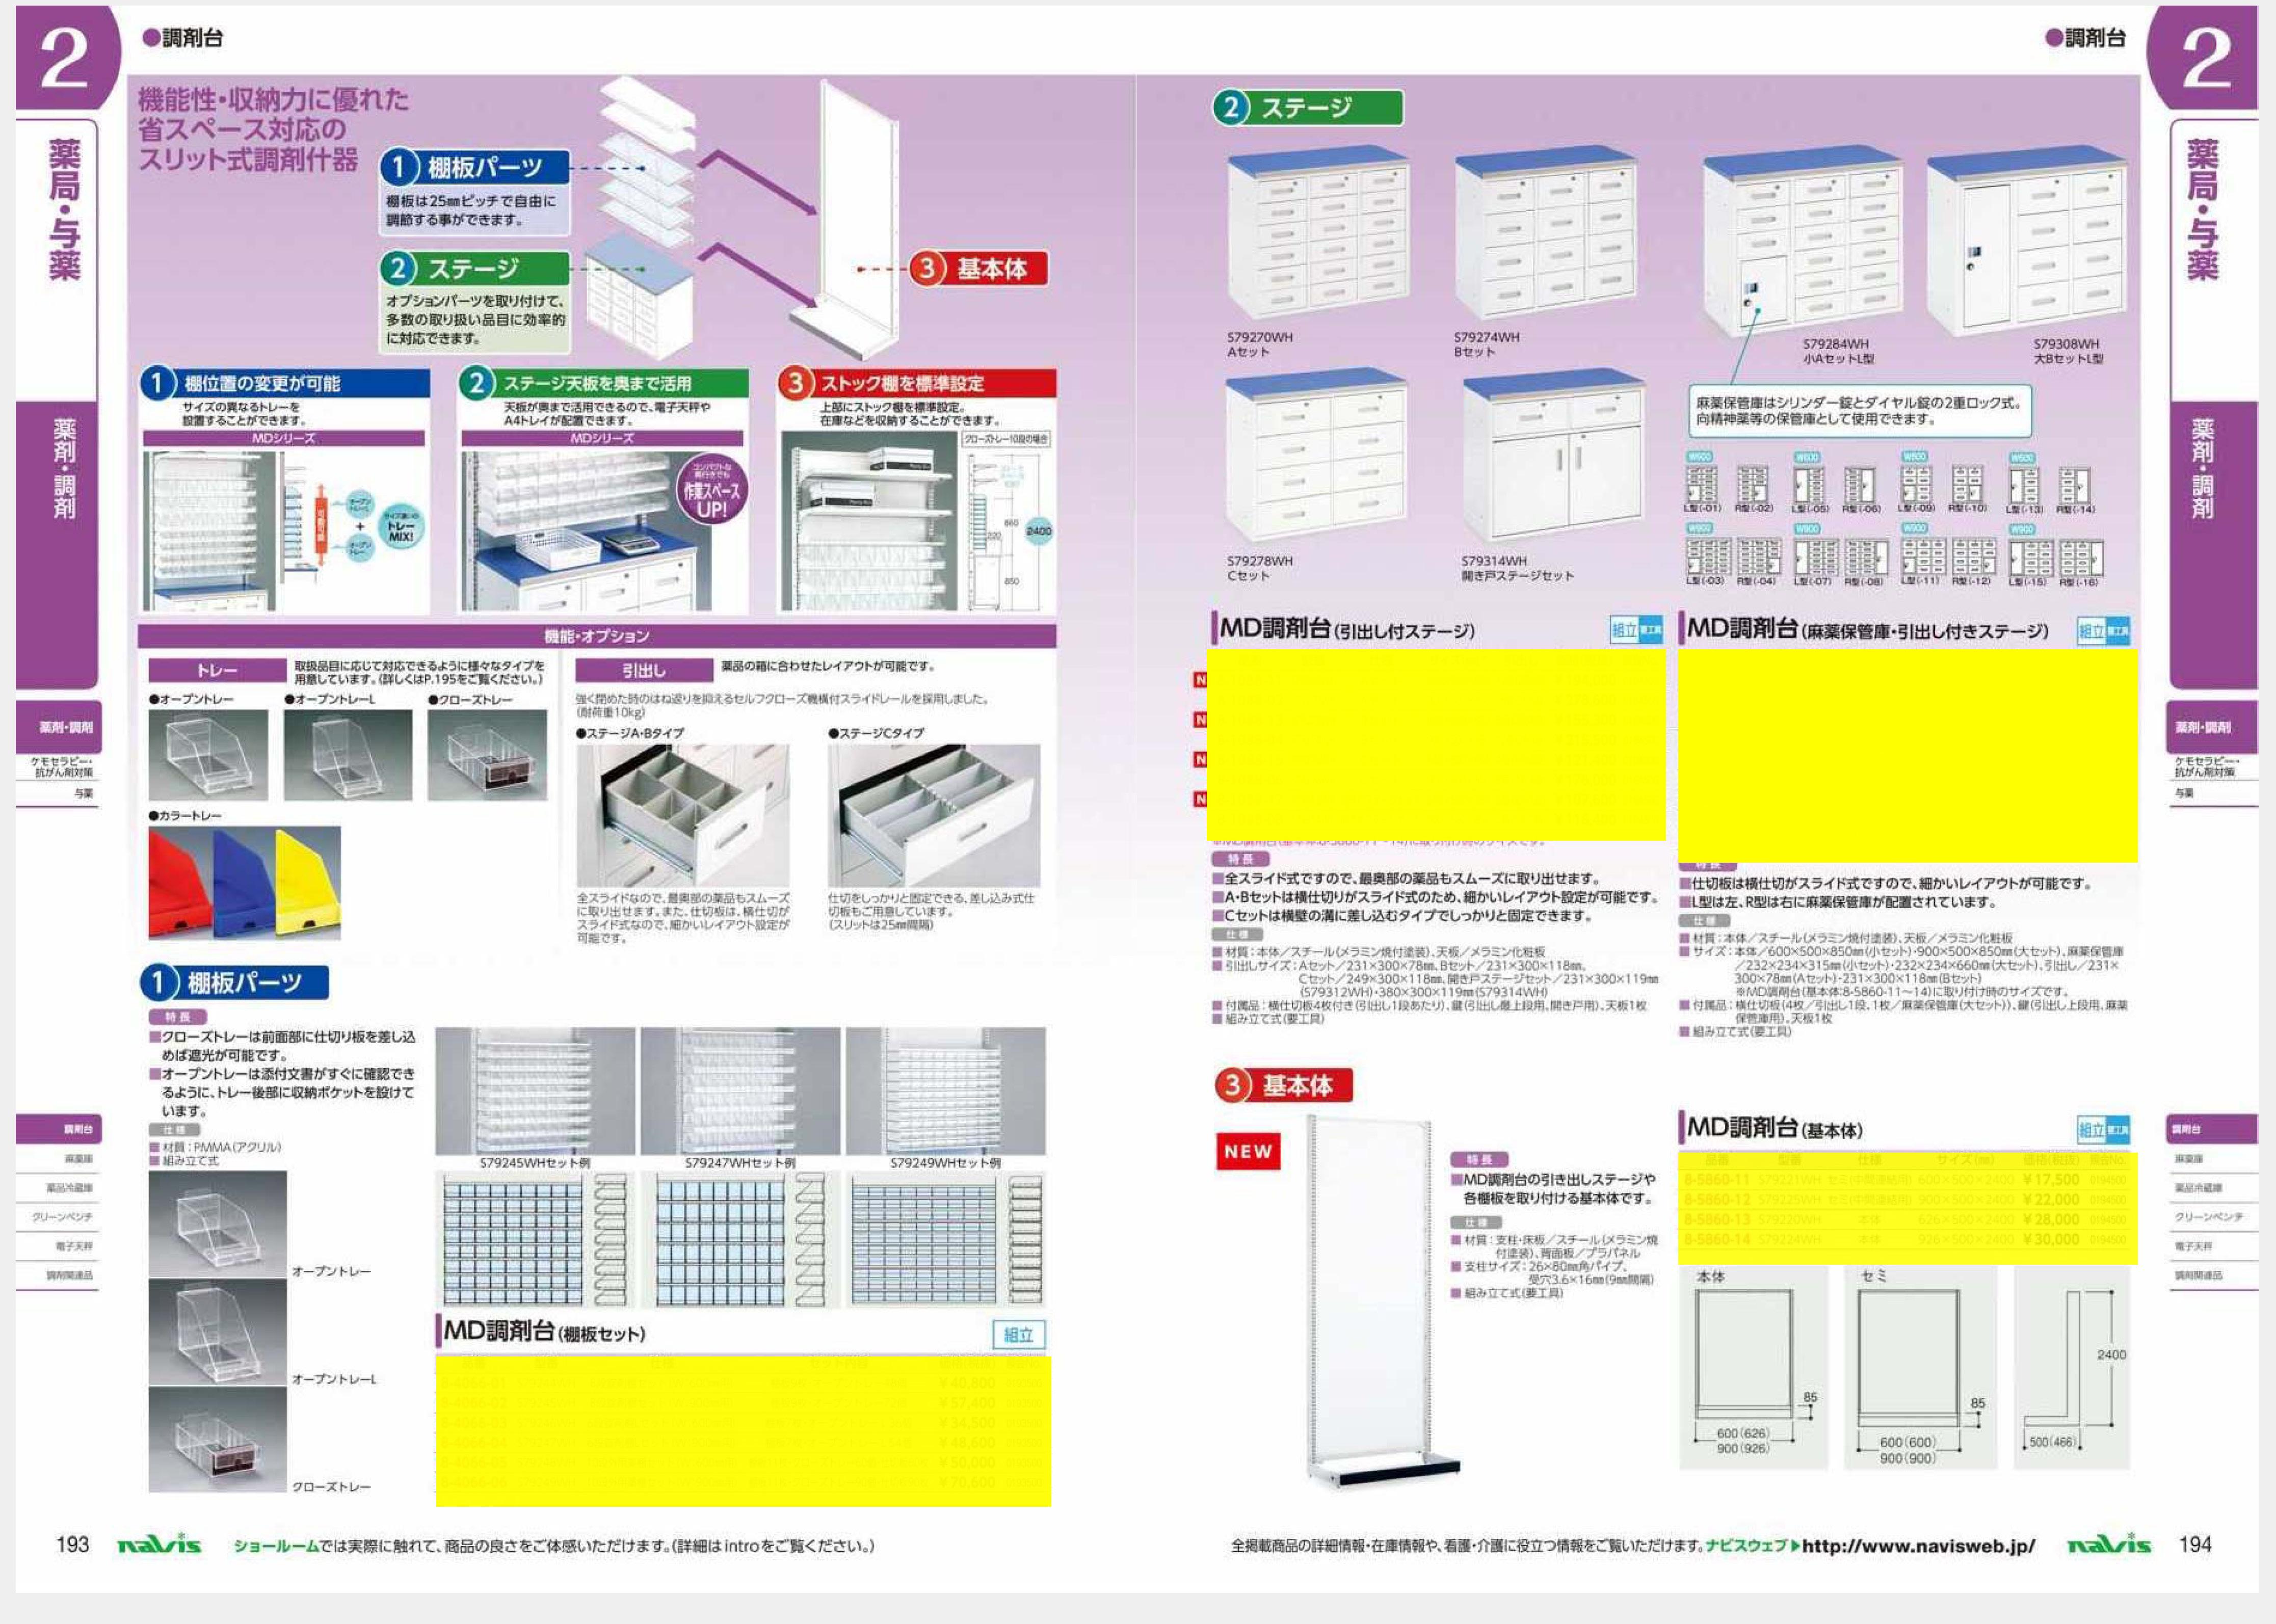 ナビス50000 8-4066-05 MD調剤台[棚板セット] 10段錠剤棚セット(W600mm用)[個](as1-8-4066-05)